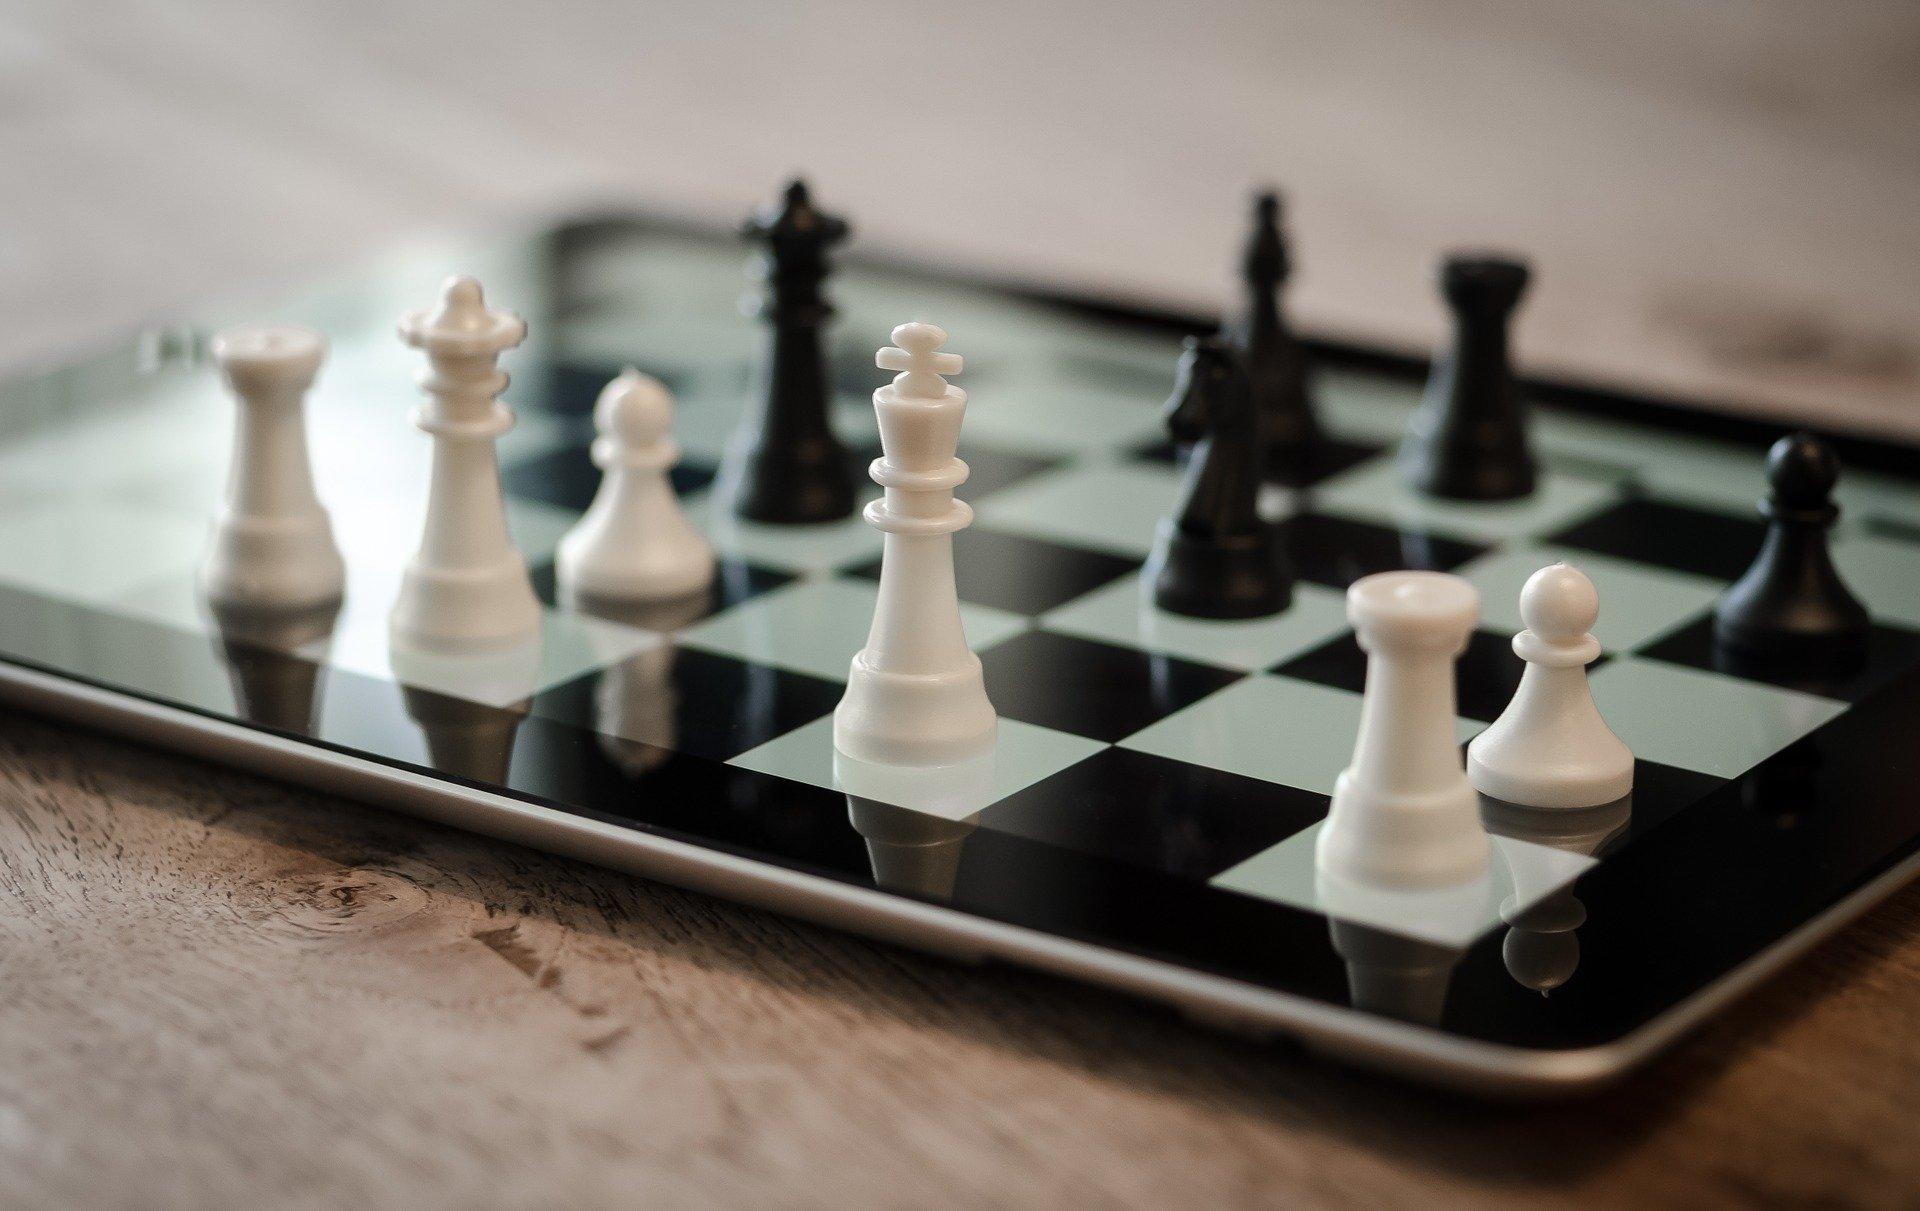 Aplicaciones móvil para sobrellevar la cuarentena